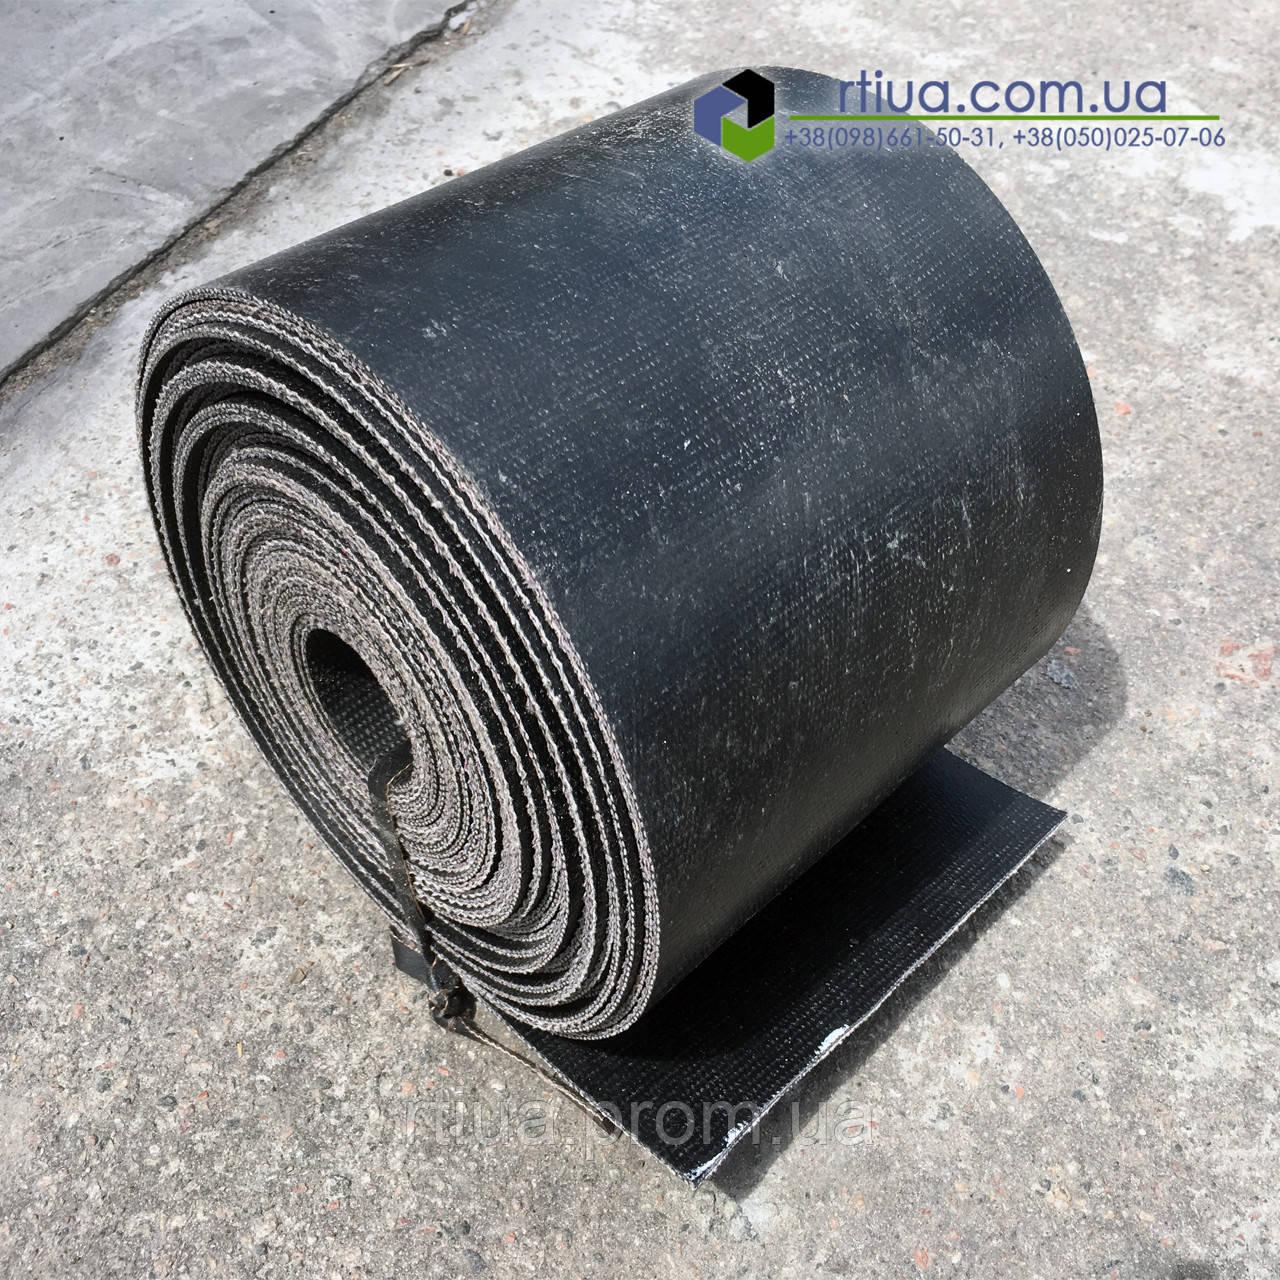 Транспортерная лента БКНЛ, 1400х3 мм